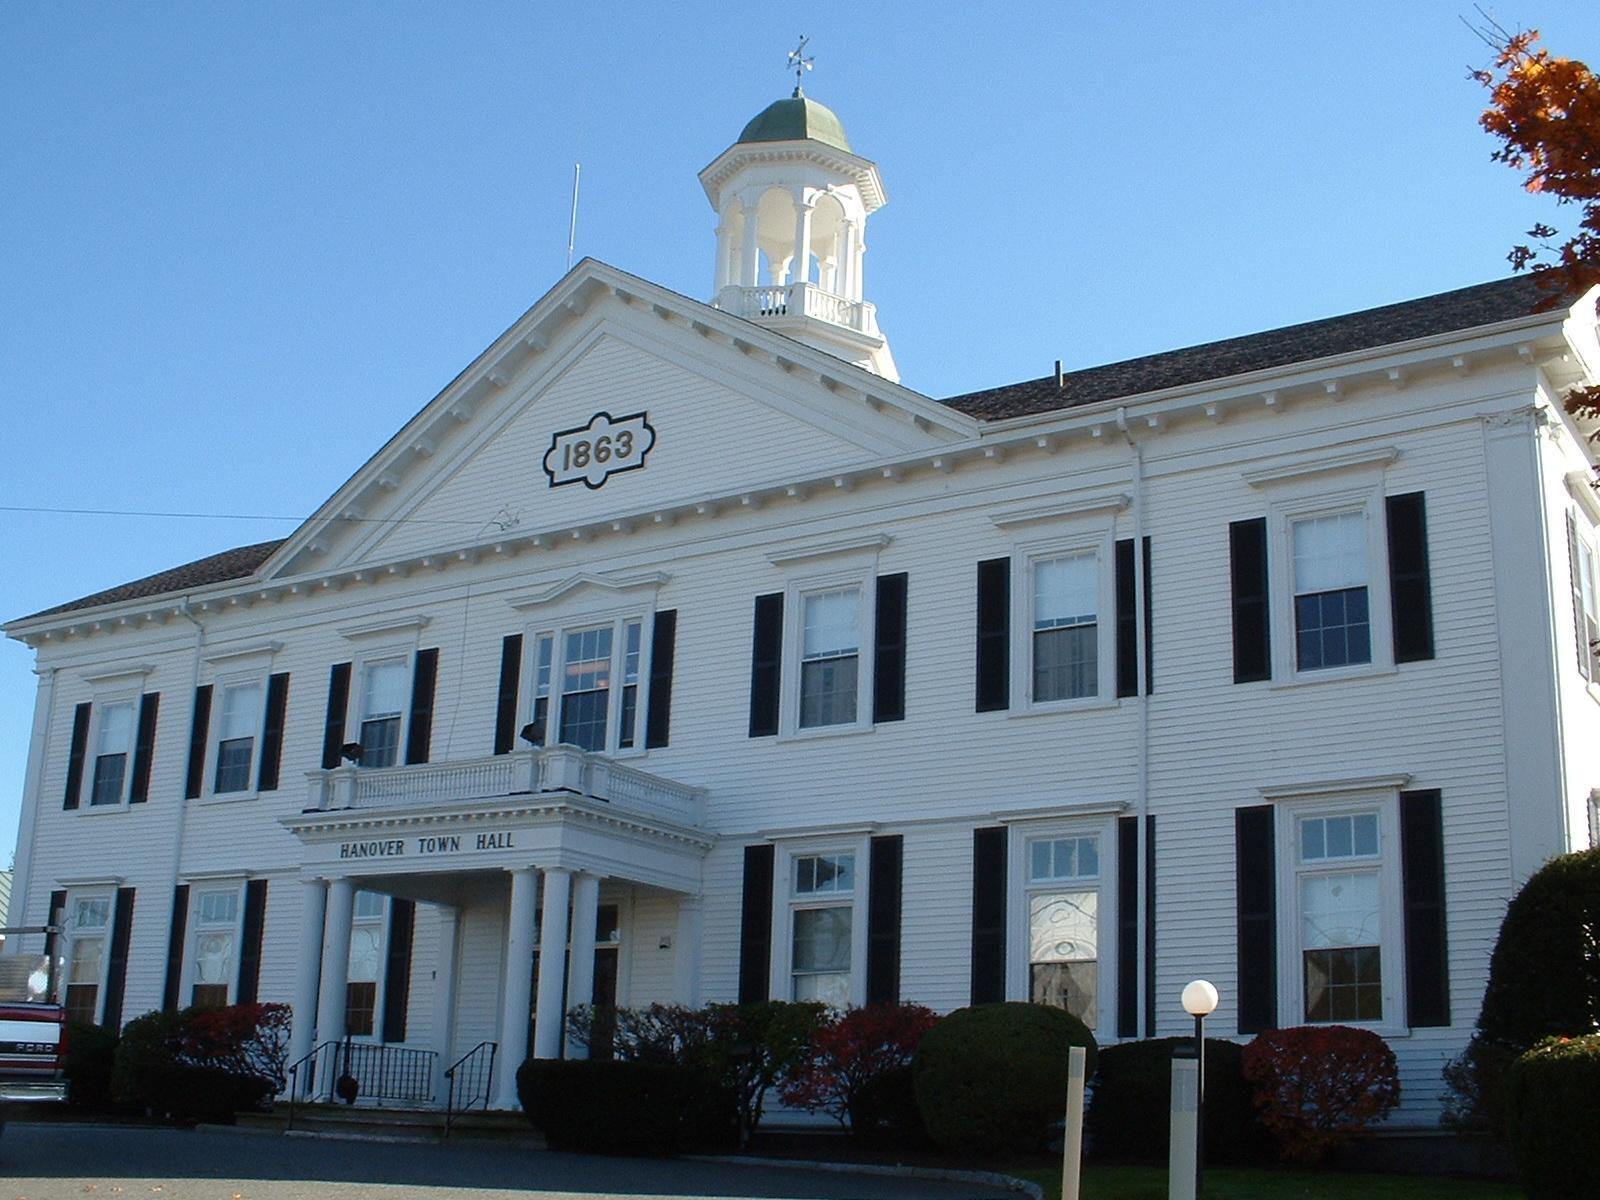 Hanover, MA Town Hall